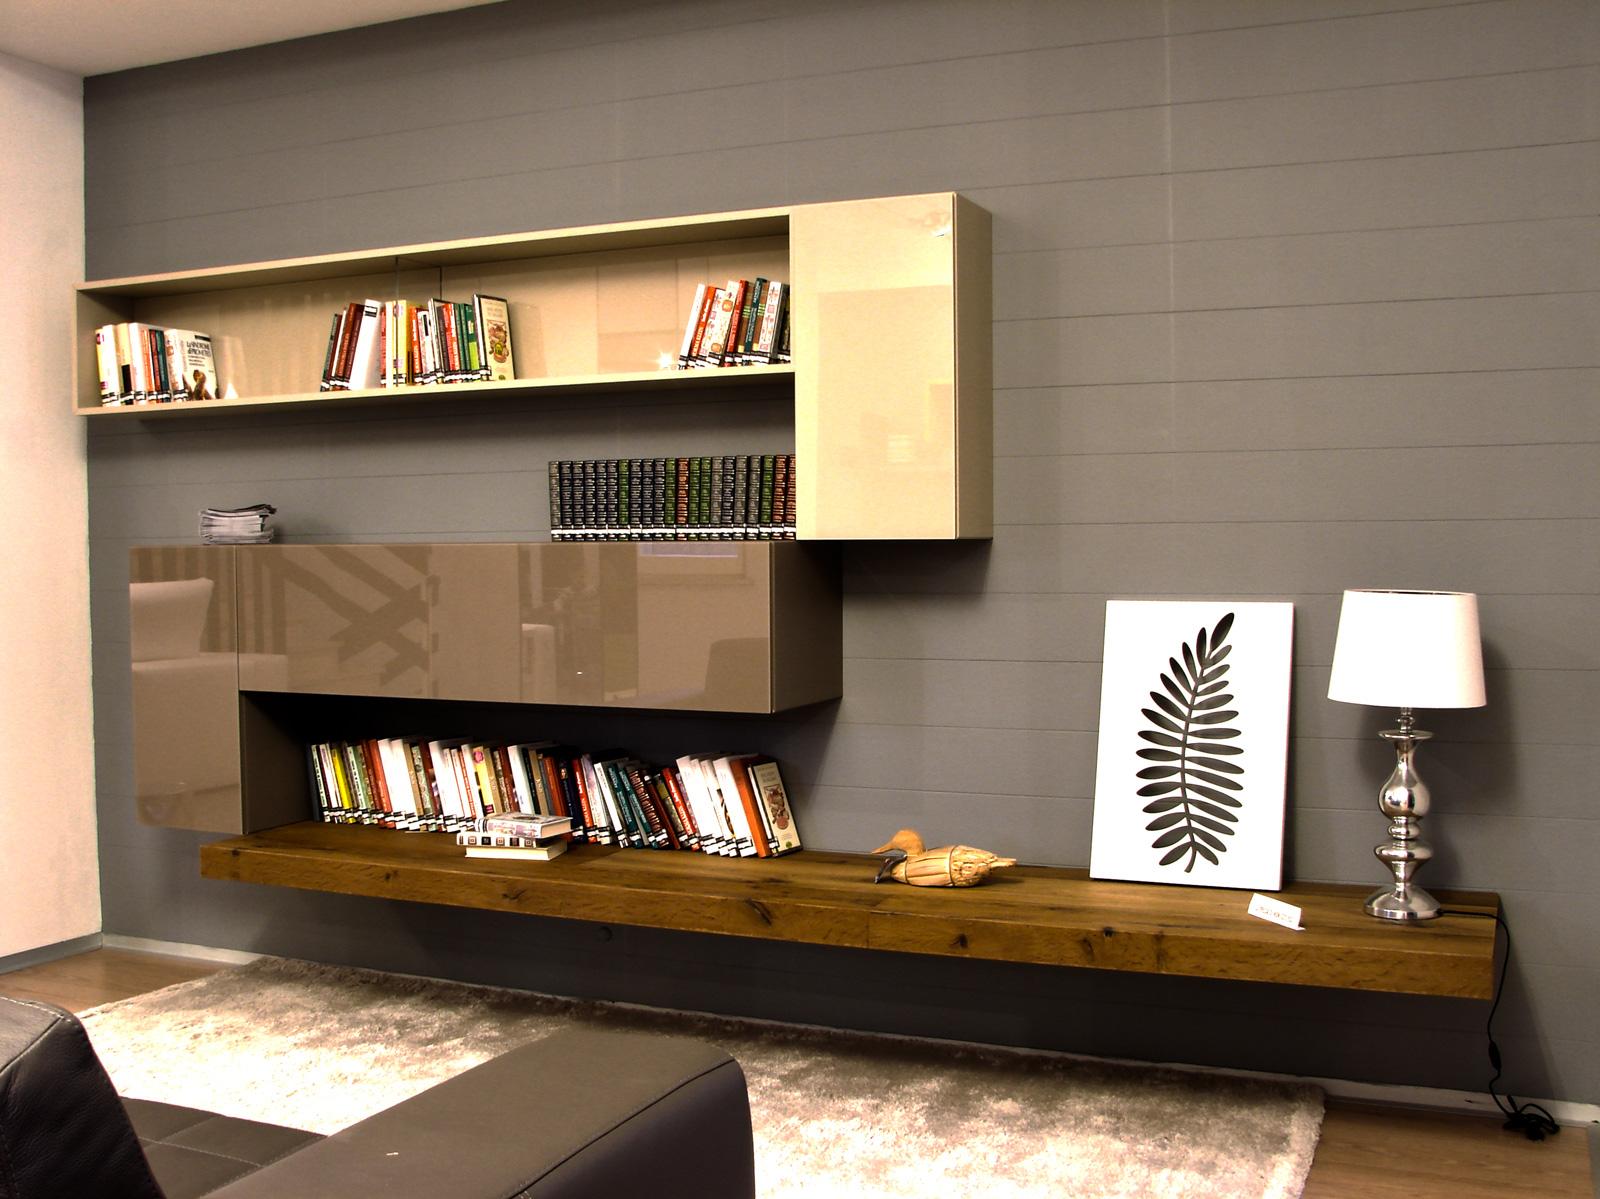 Arredamento ed interior design le ultime novit  il blog di dimensione legno a Chietiil blog di